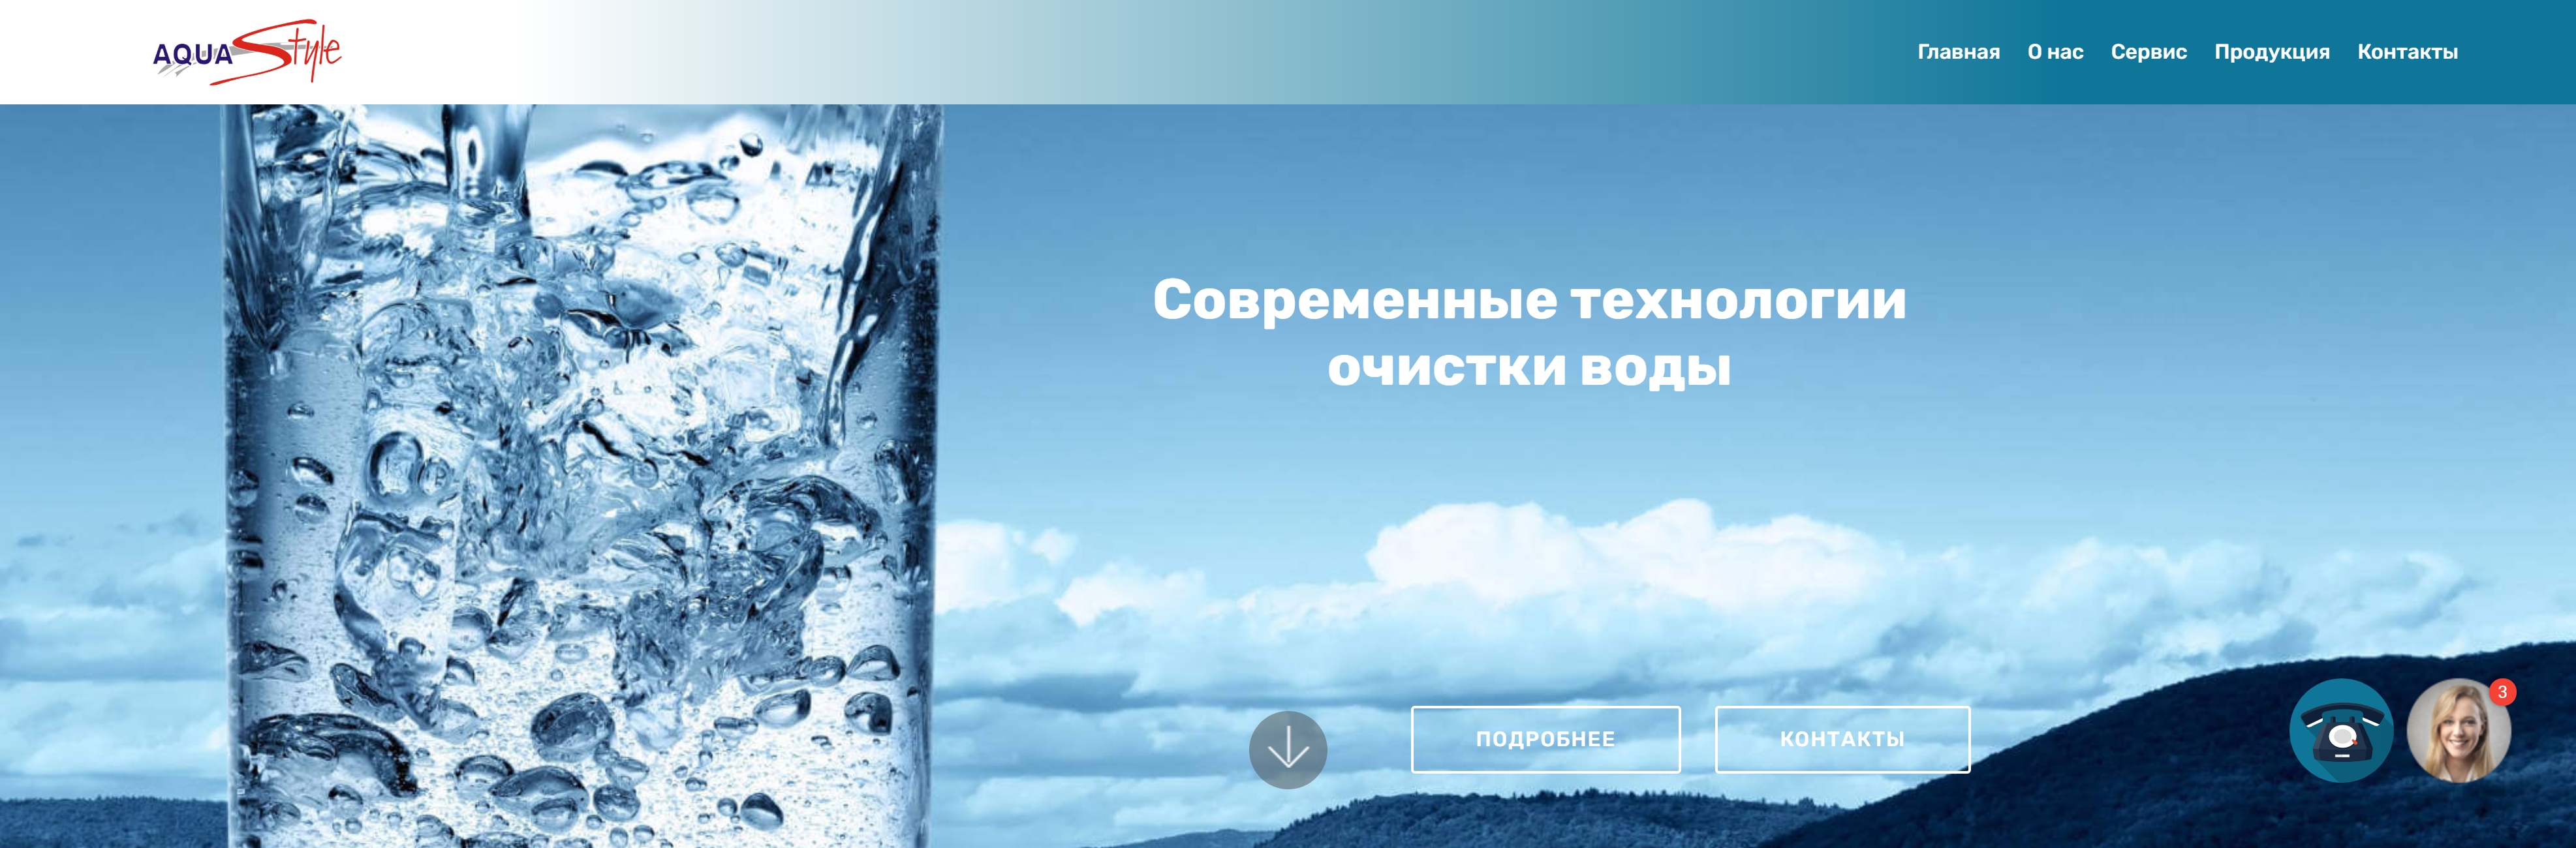 Компании по производству и поставке систем водоподготовки и водоочистки